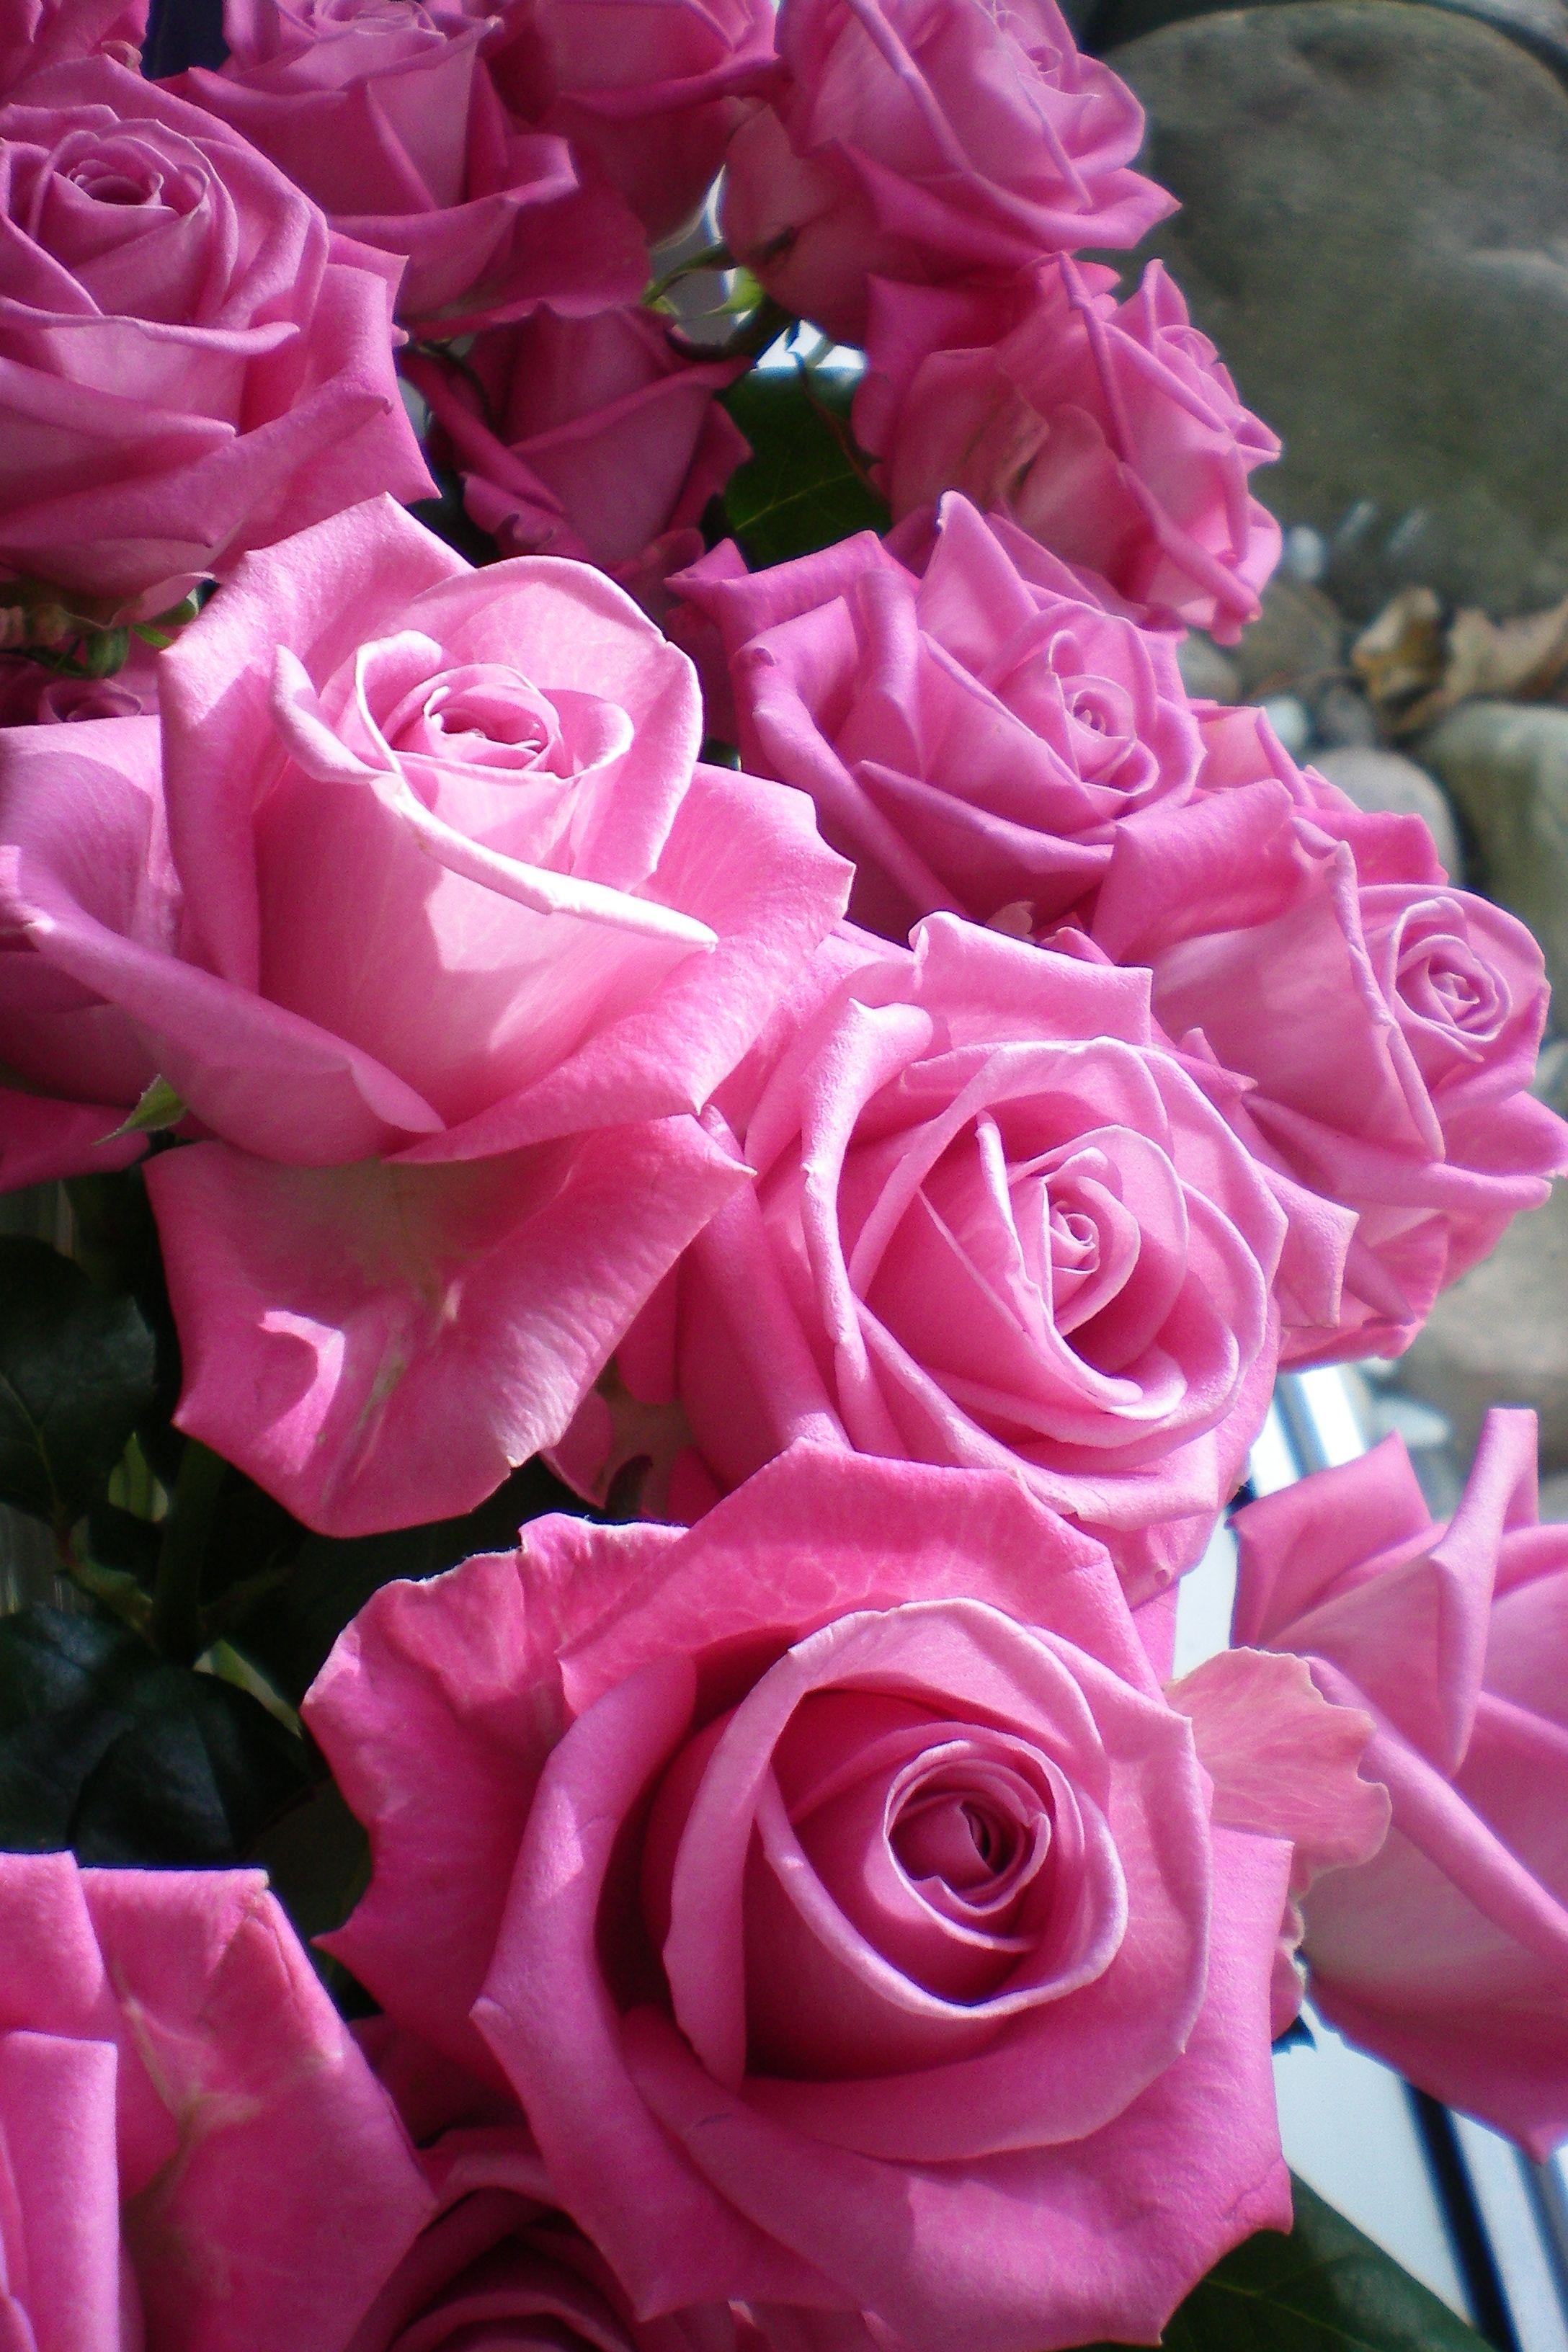 Diese Blume braucht keine Erklärung: sie ist und bleibt die unangefochtene Königin in Eleganz und Schönheit. Eine Rose ist eine Rose ist eine Rose.